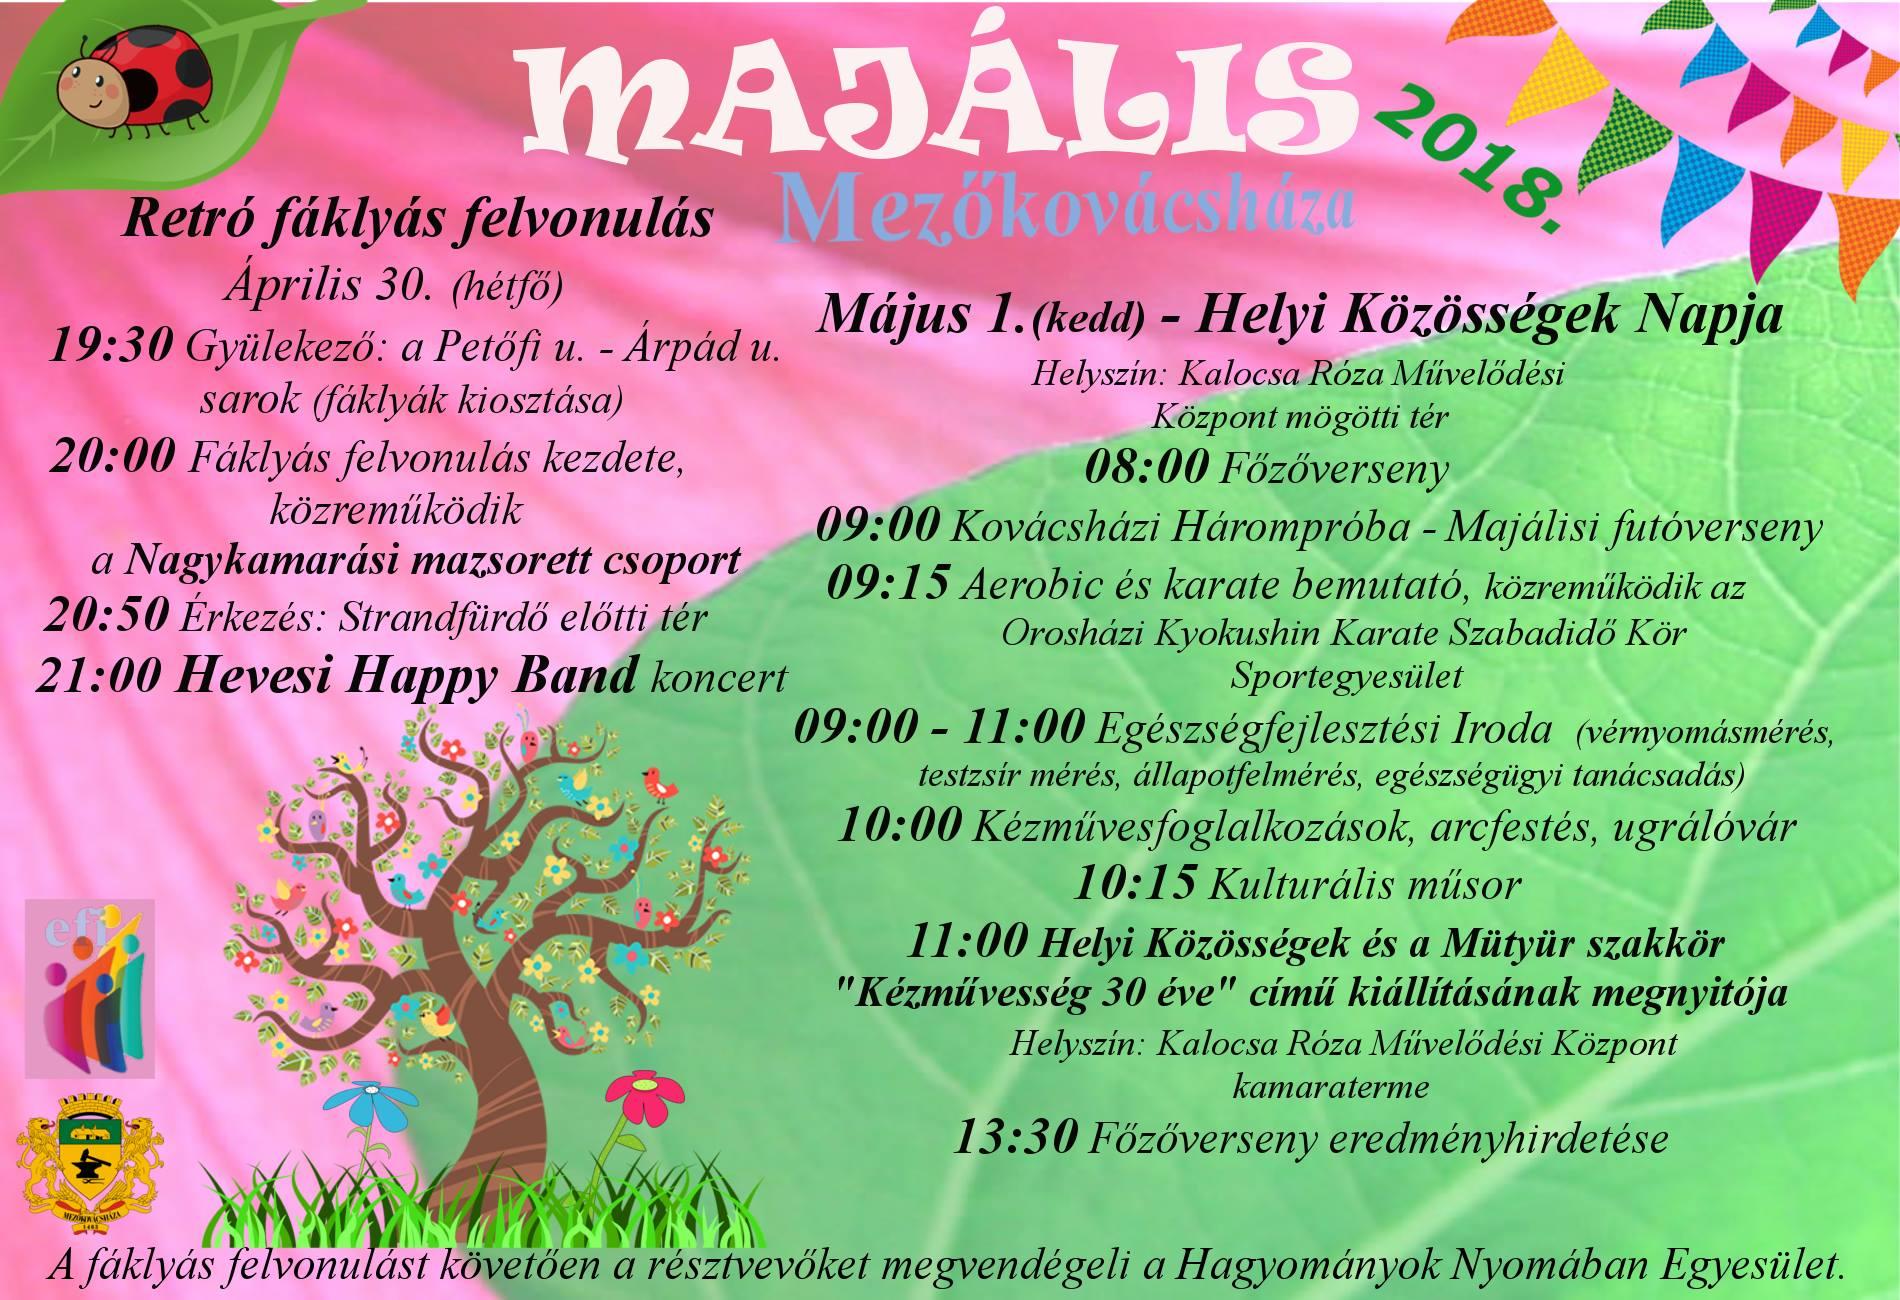 Mkháza_majális